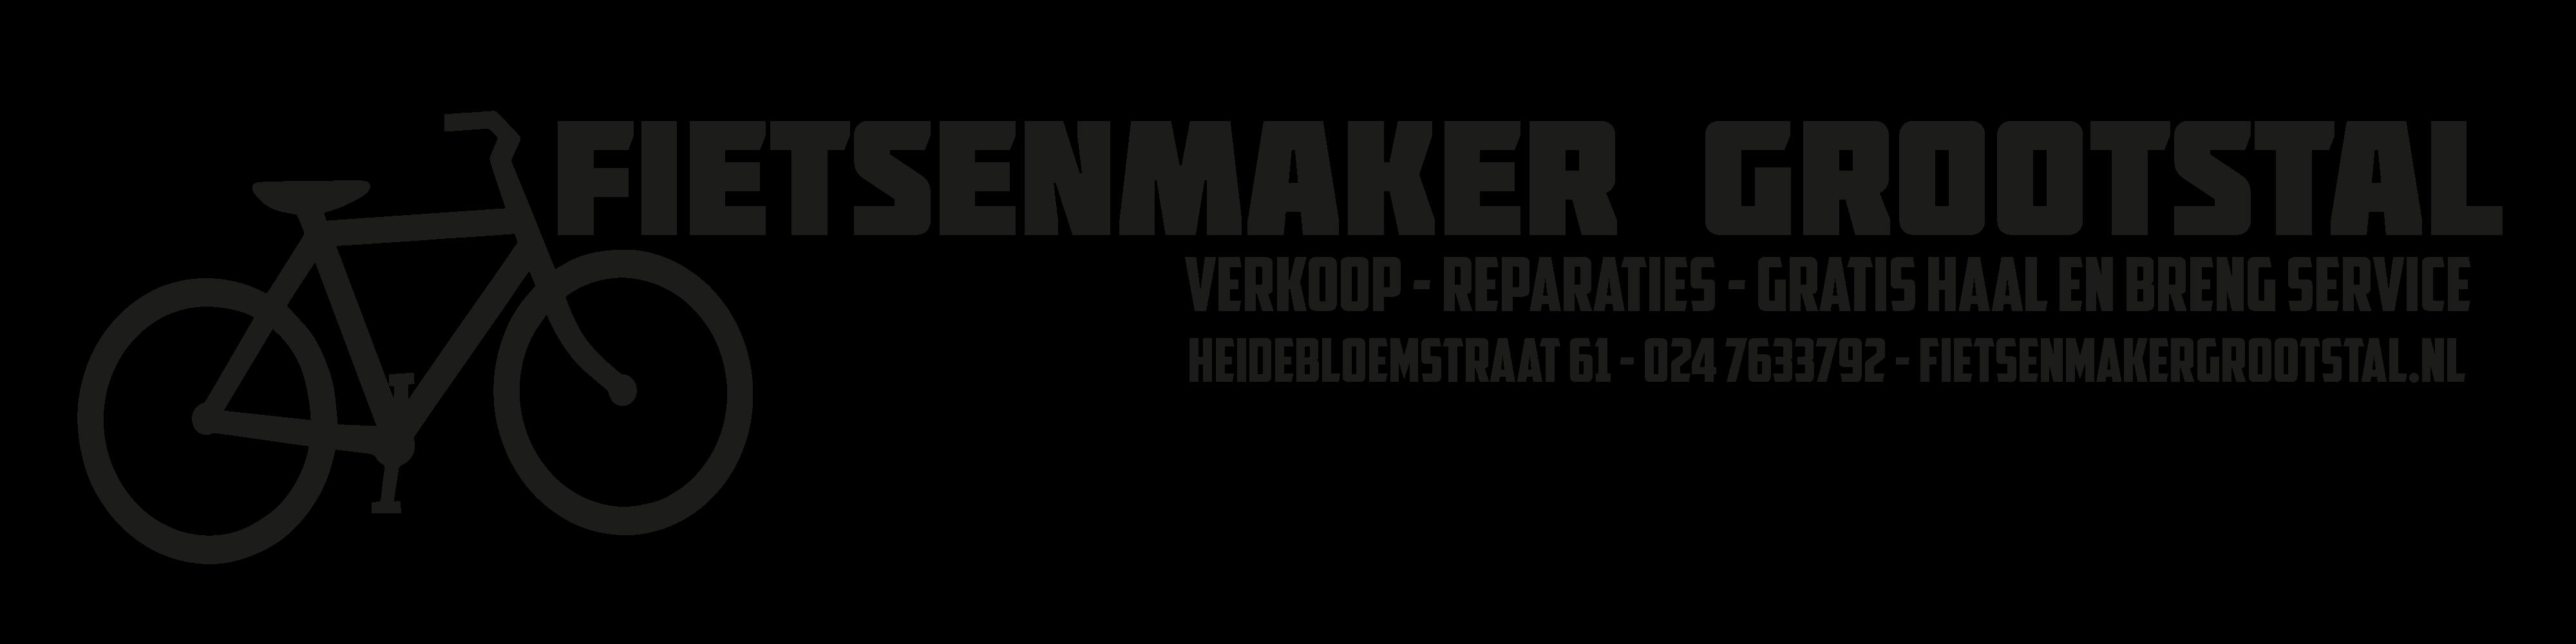 Logo zaterdag-18-07-2020 & zaterdag-25-07-2020 geopend tot 1300 uur